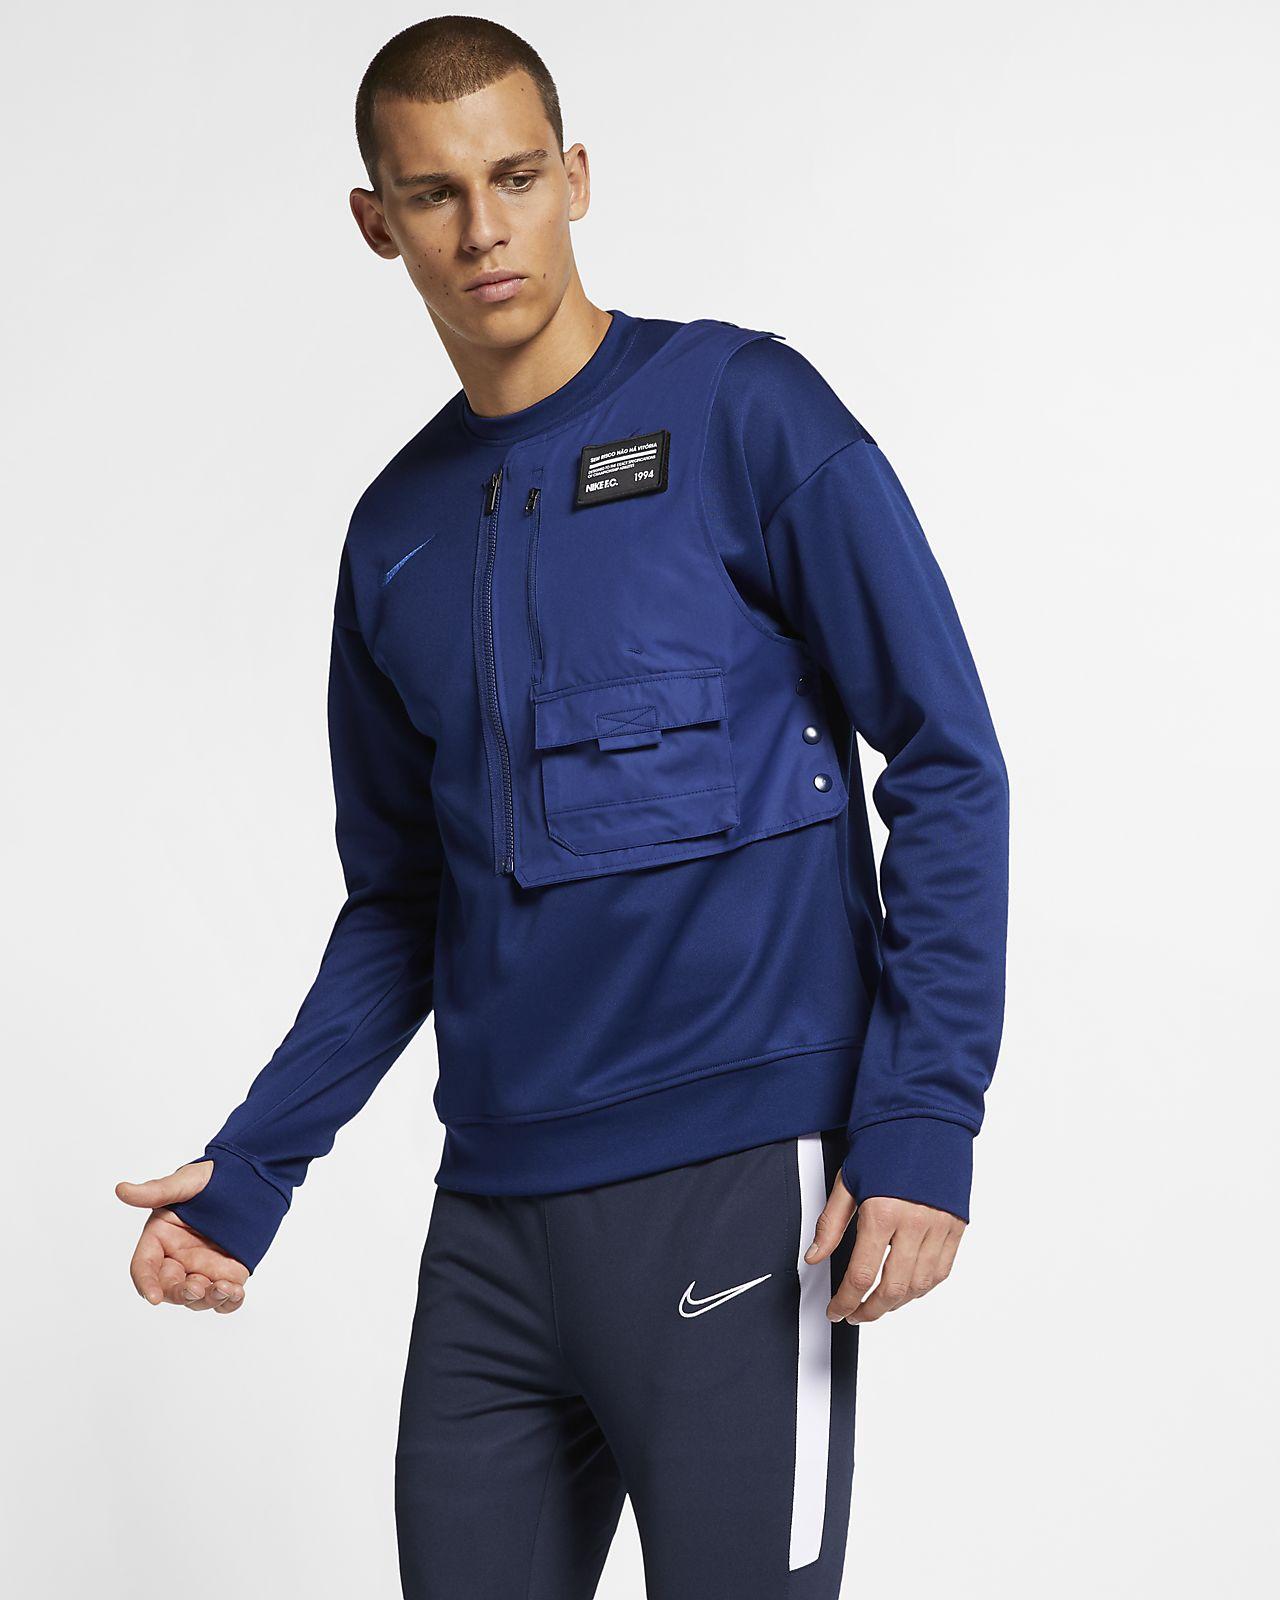 Pánský fotbalový top s kulatým výstřihem Nike F.C.